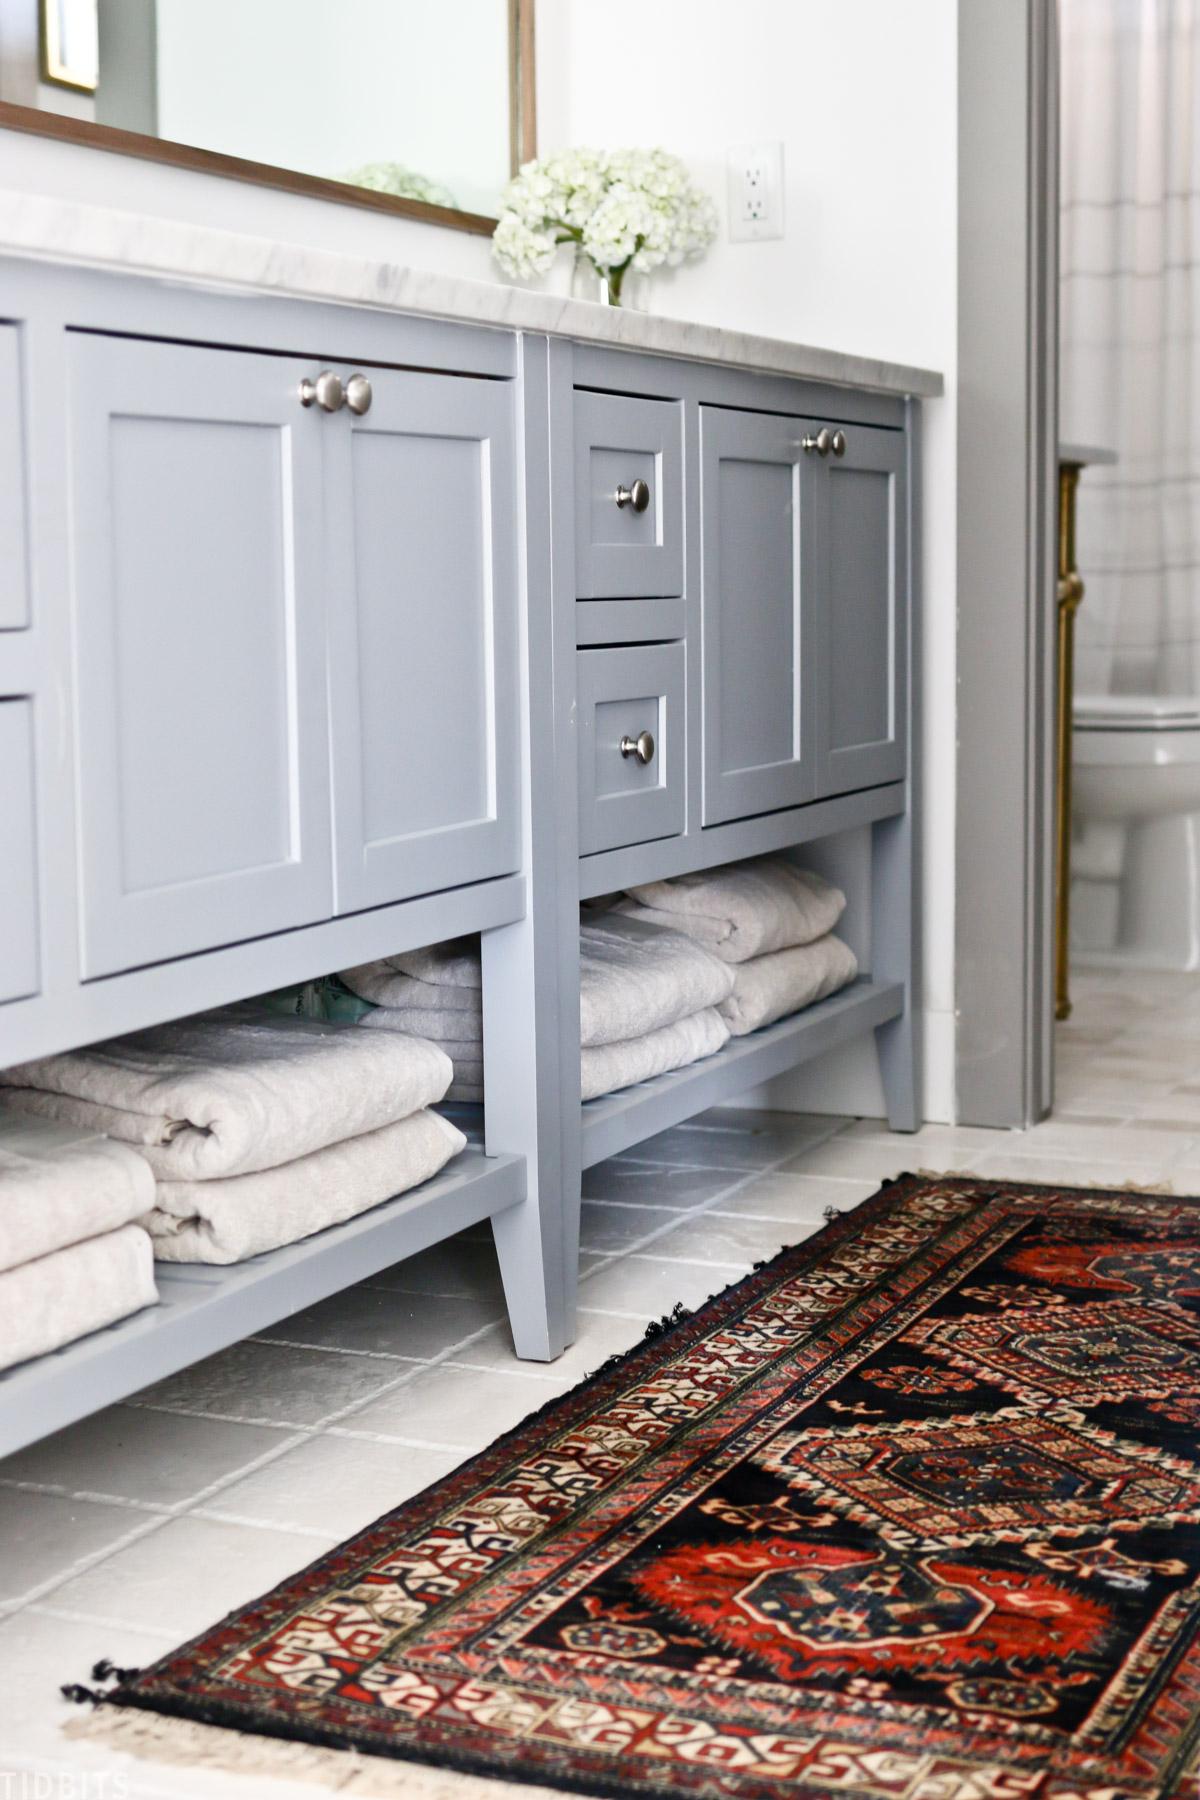 split bathroom vanity with towels stored underneath bathroom sink cabinets